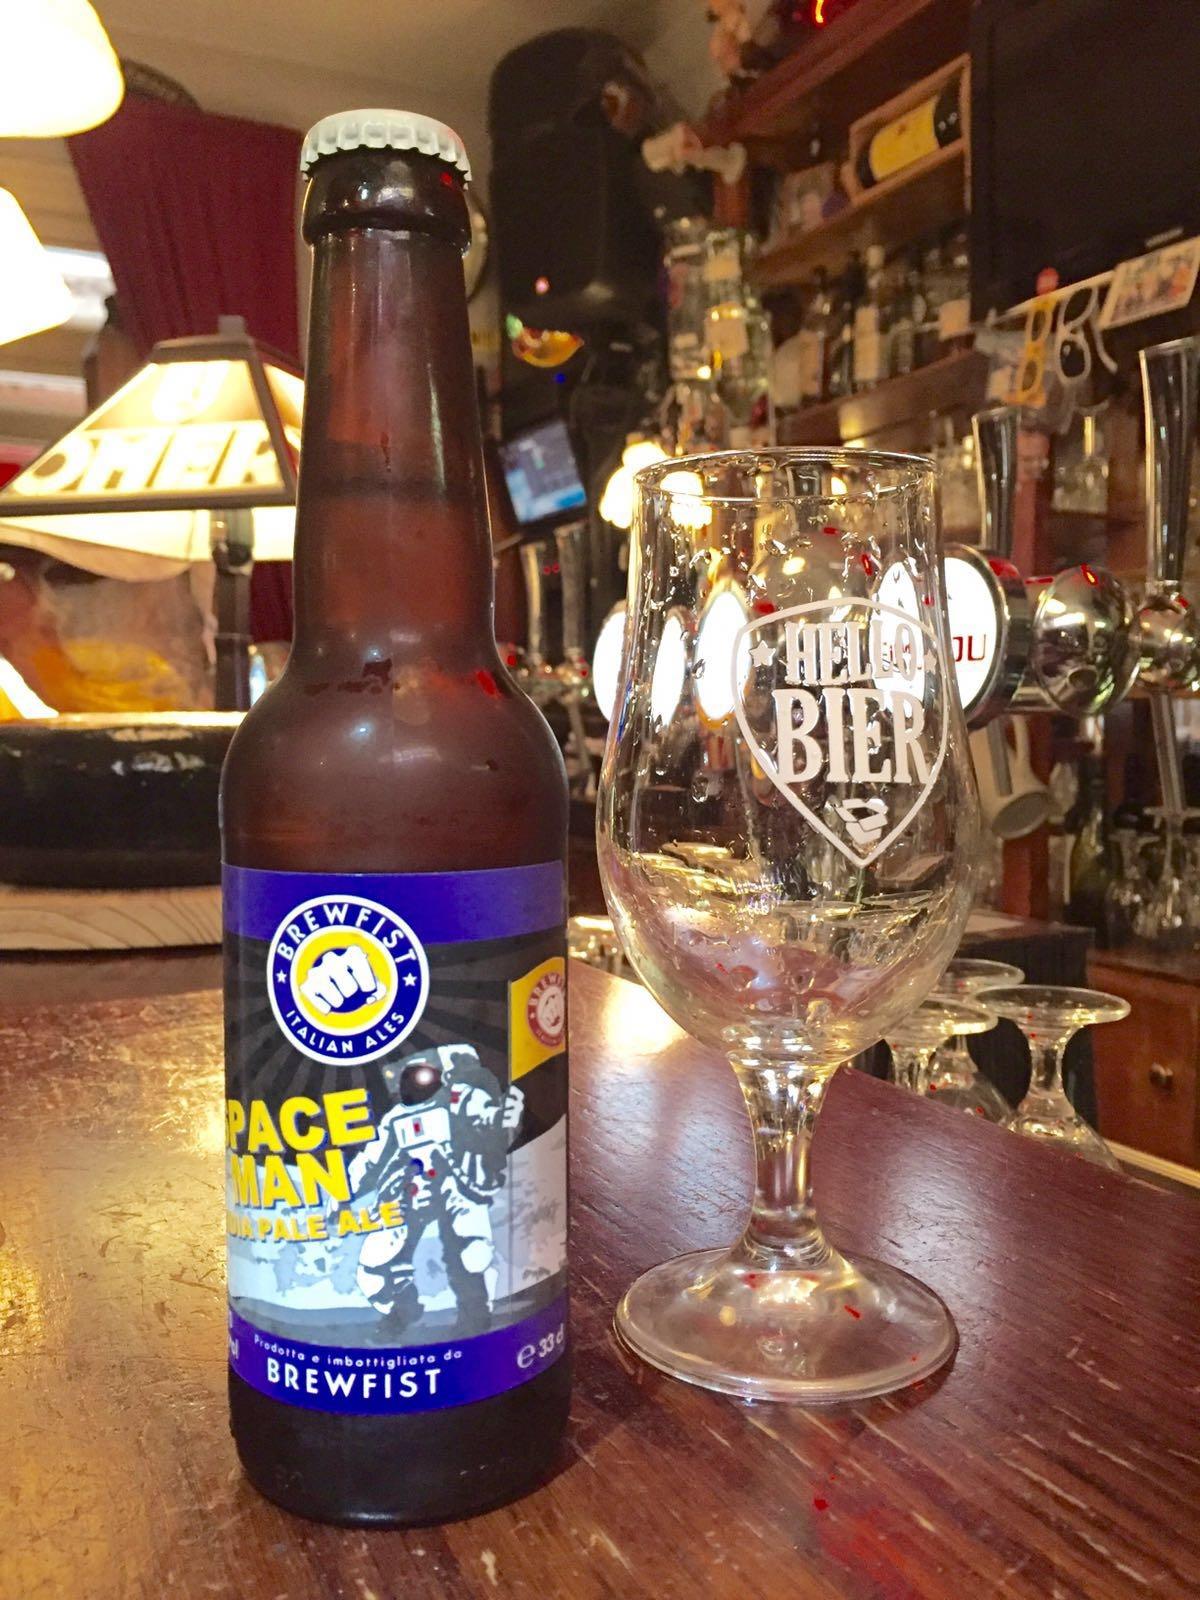 Brewfist Spaceman IPA Herkomst: Italië, Codogno Helder oranje is deze IPA van kleur. De bloemige geur komt aangenaam binnen in je neus. Citrus-, perzik- en grapefruitkenmerken in de smaak maken dit biertje zomers. De tintelende smaken en aangename geur brengen je in een zwoele, zachte zomeravondspace. Dit bier heeft een opvallende naam maar het verhaal achter de naam Spaceman IPA konden we helaas niet vinden. Het bier bevat een alcoholpercentage van: 7%. Advies serveertemperatuur: 6 graden.